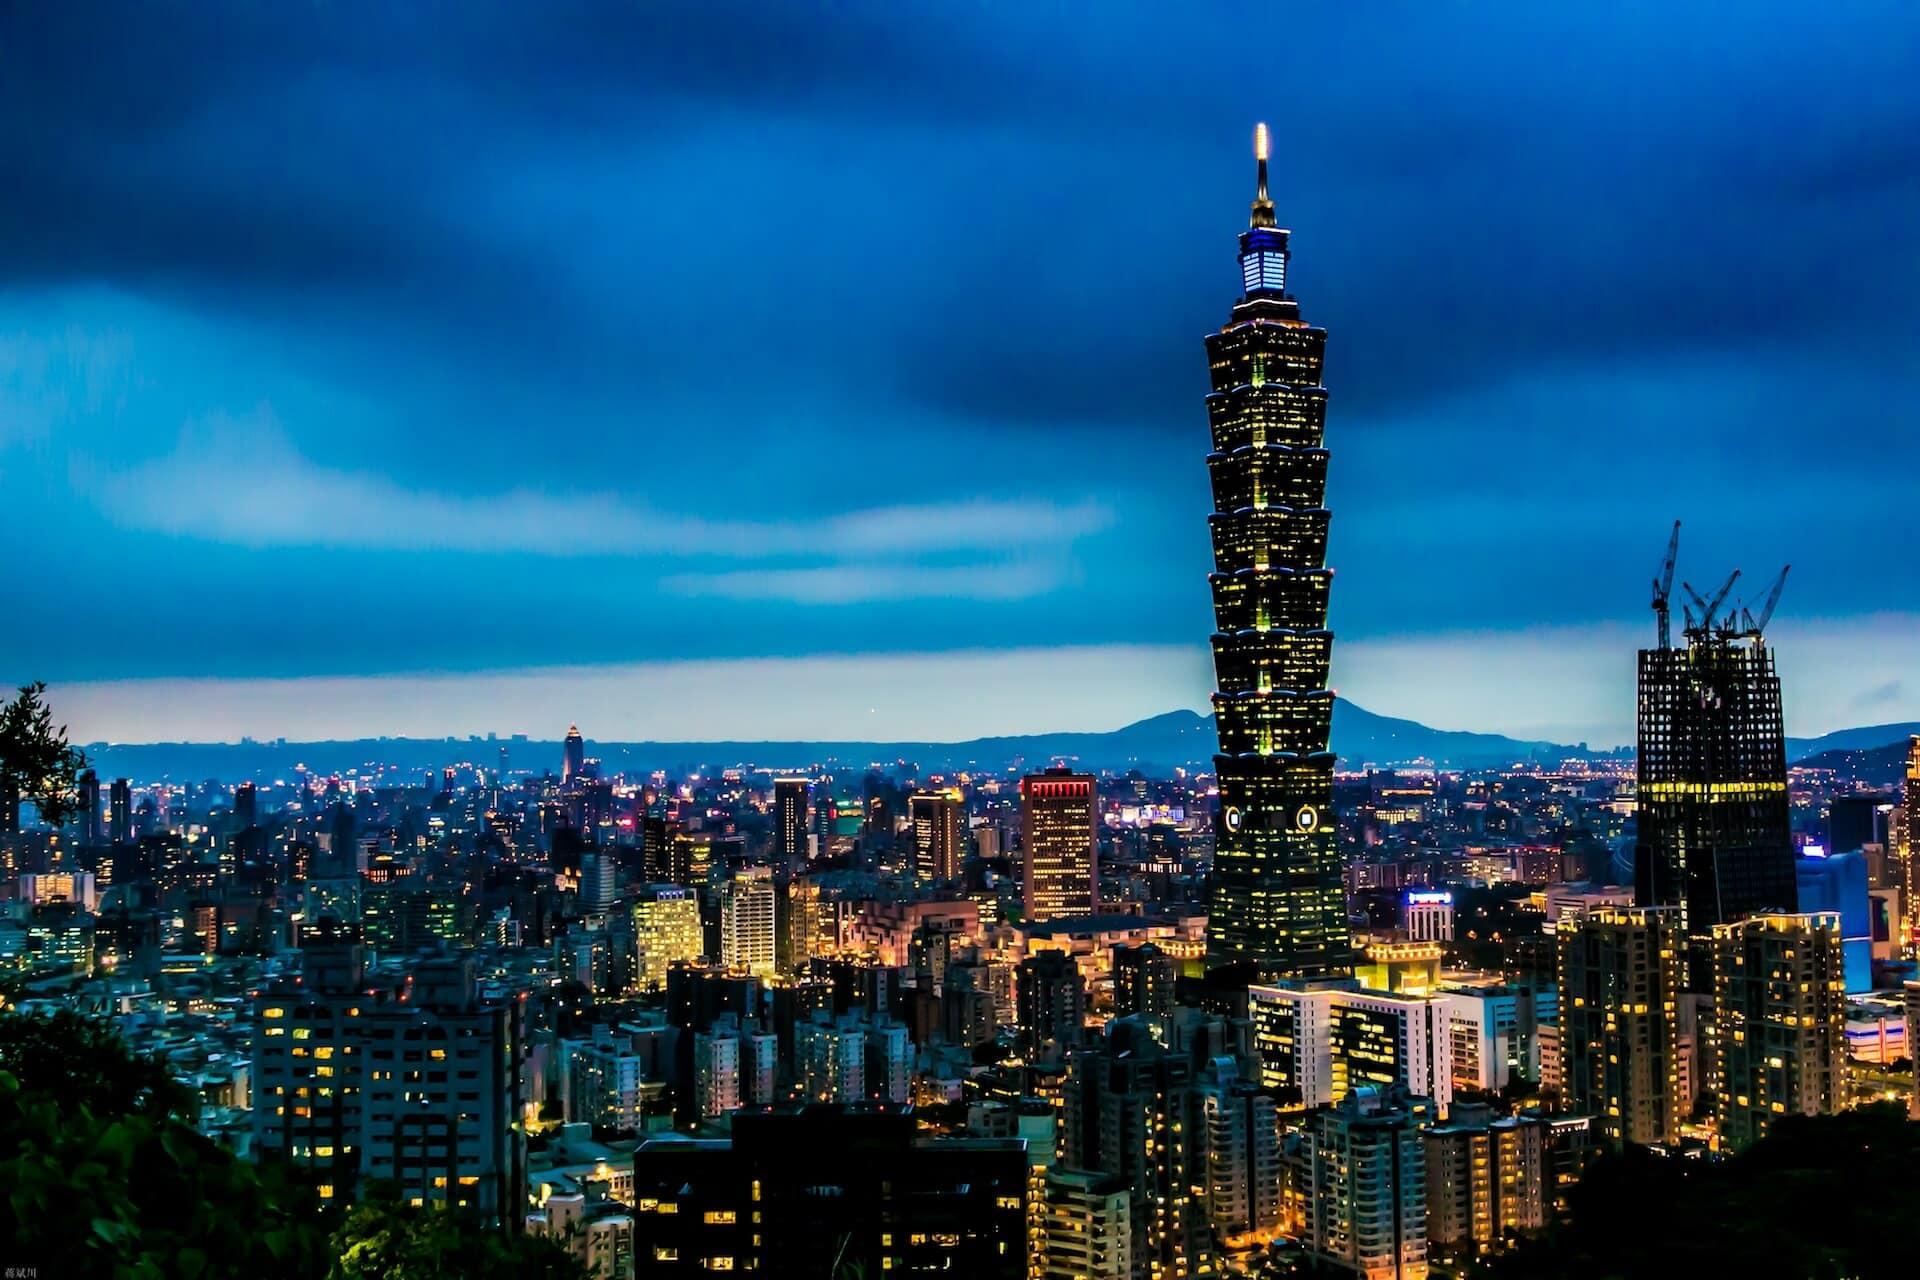 Top Startups entreprenurs moving to Taipei 2019